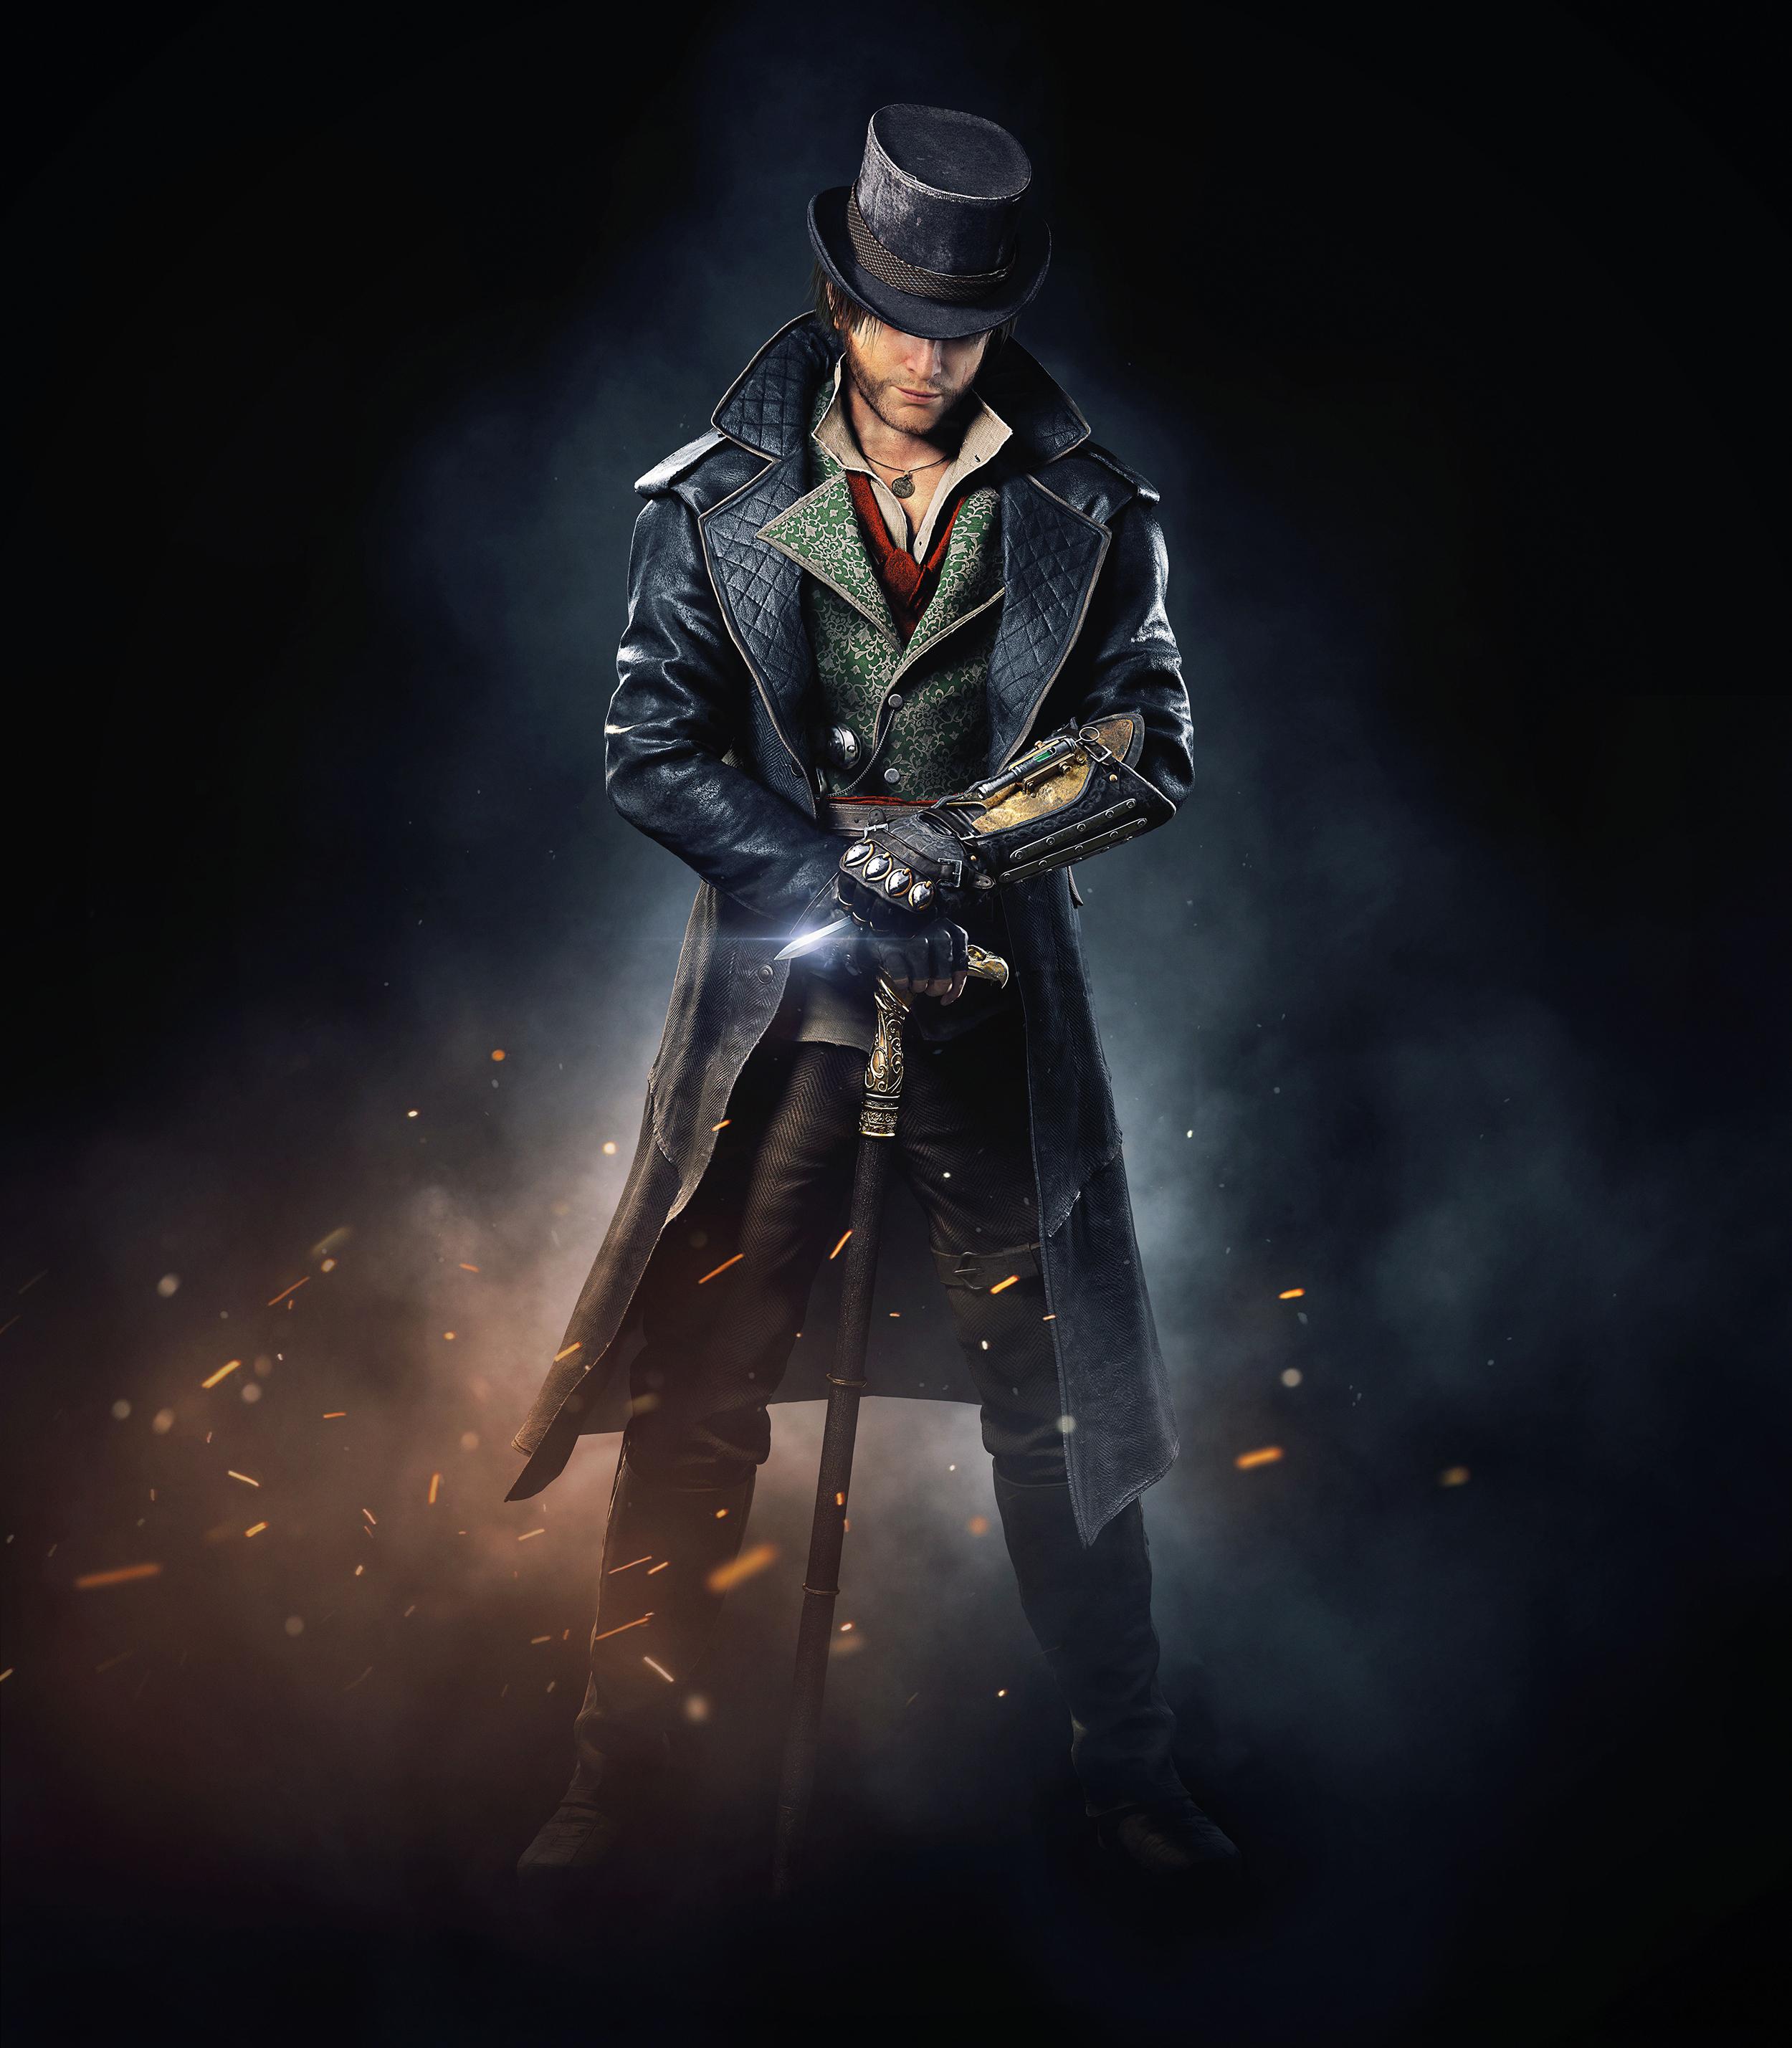 Dodatečné artworky z Assassin's Creed: Syndicate 108980